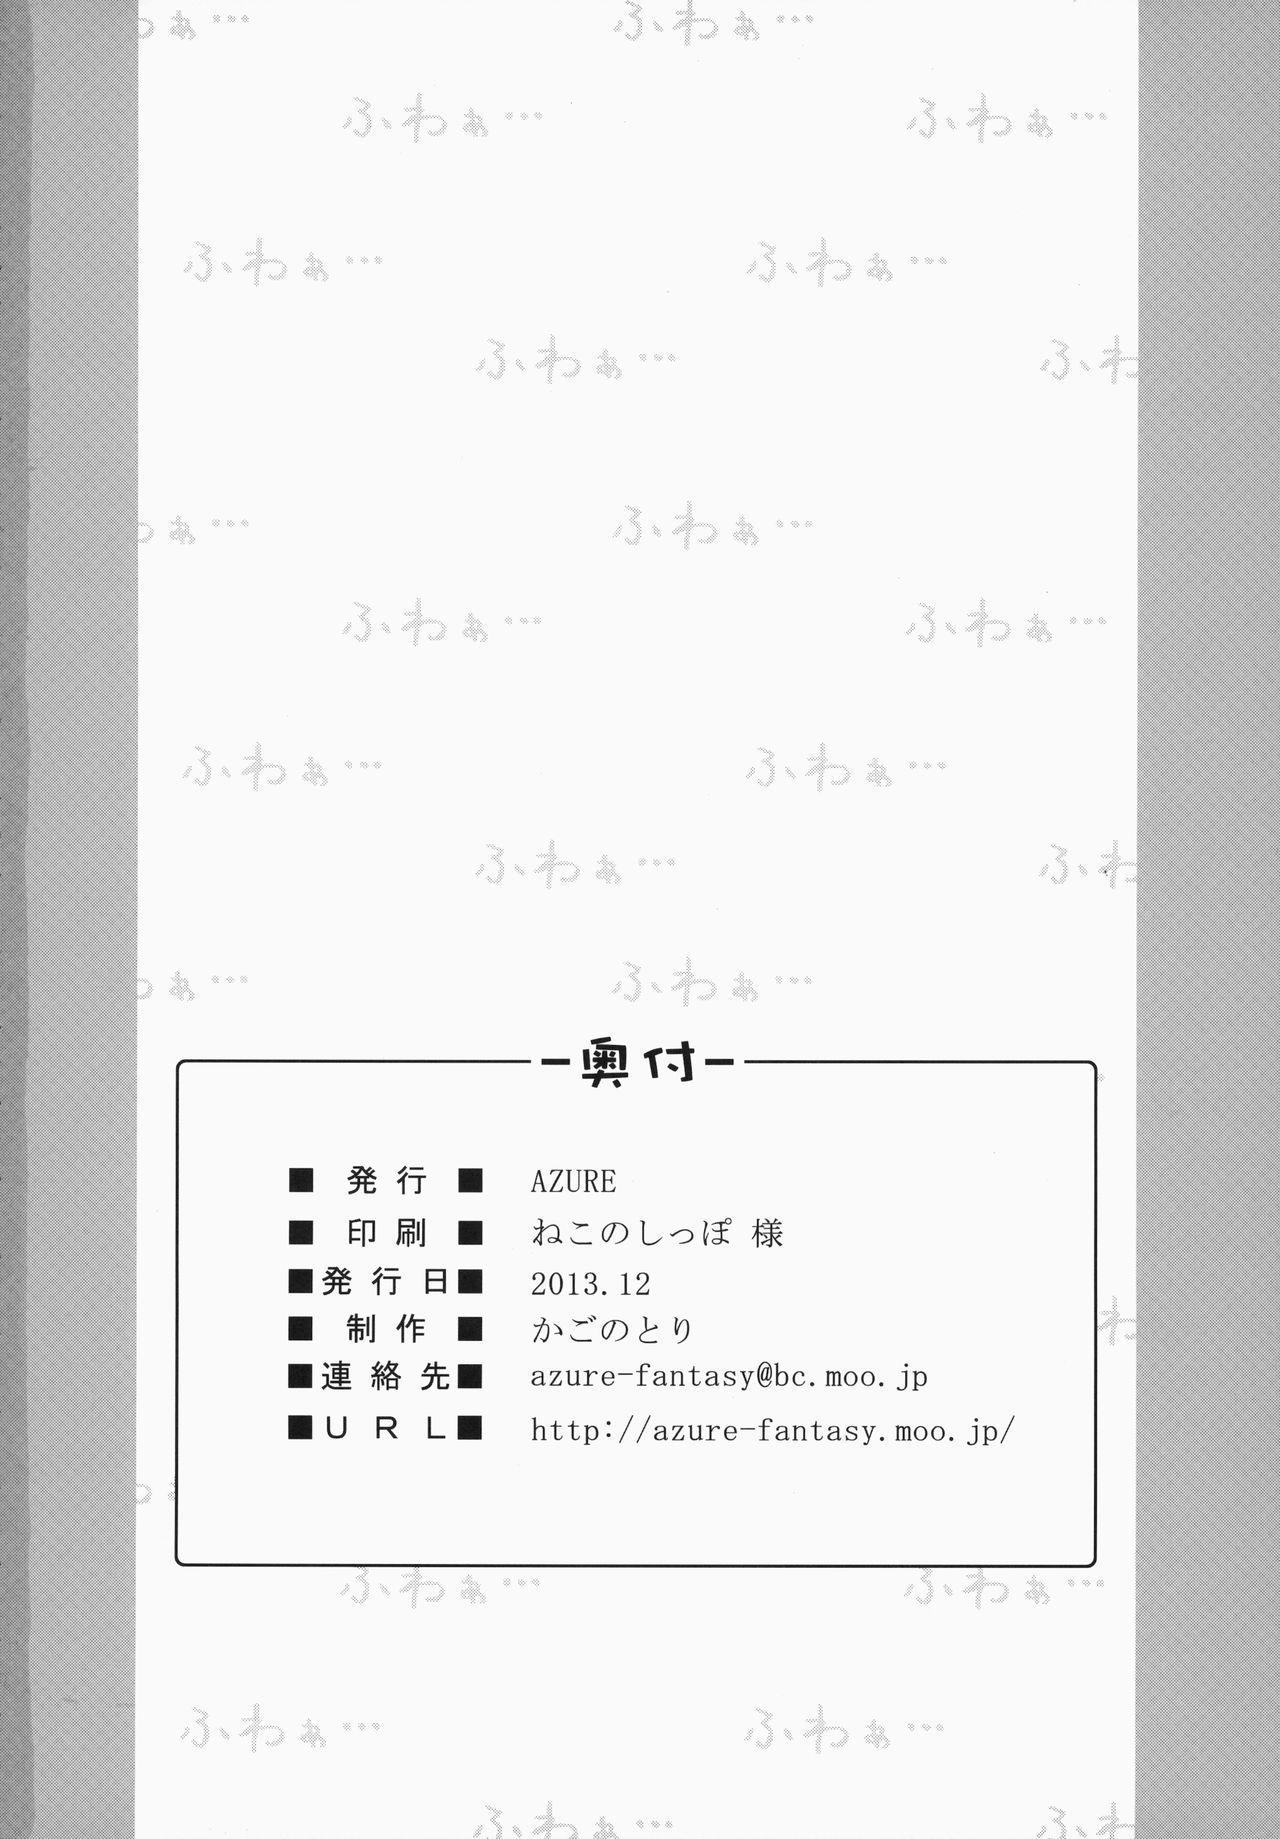 kaeda-ma Daisakusen 24